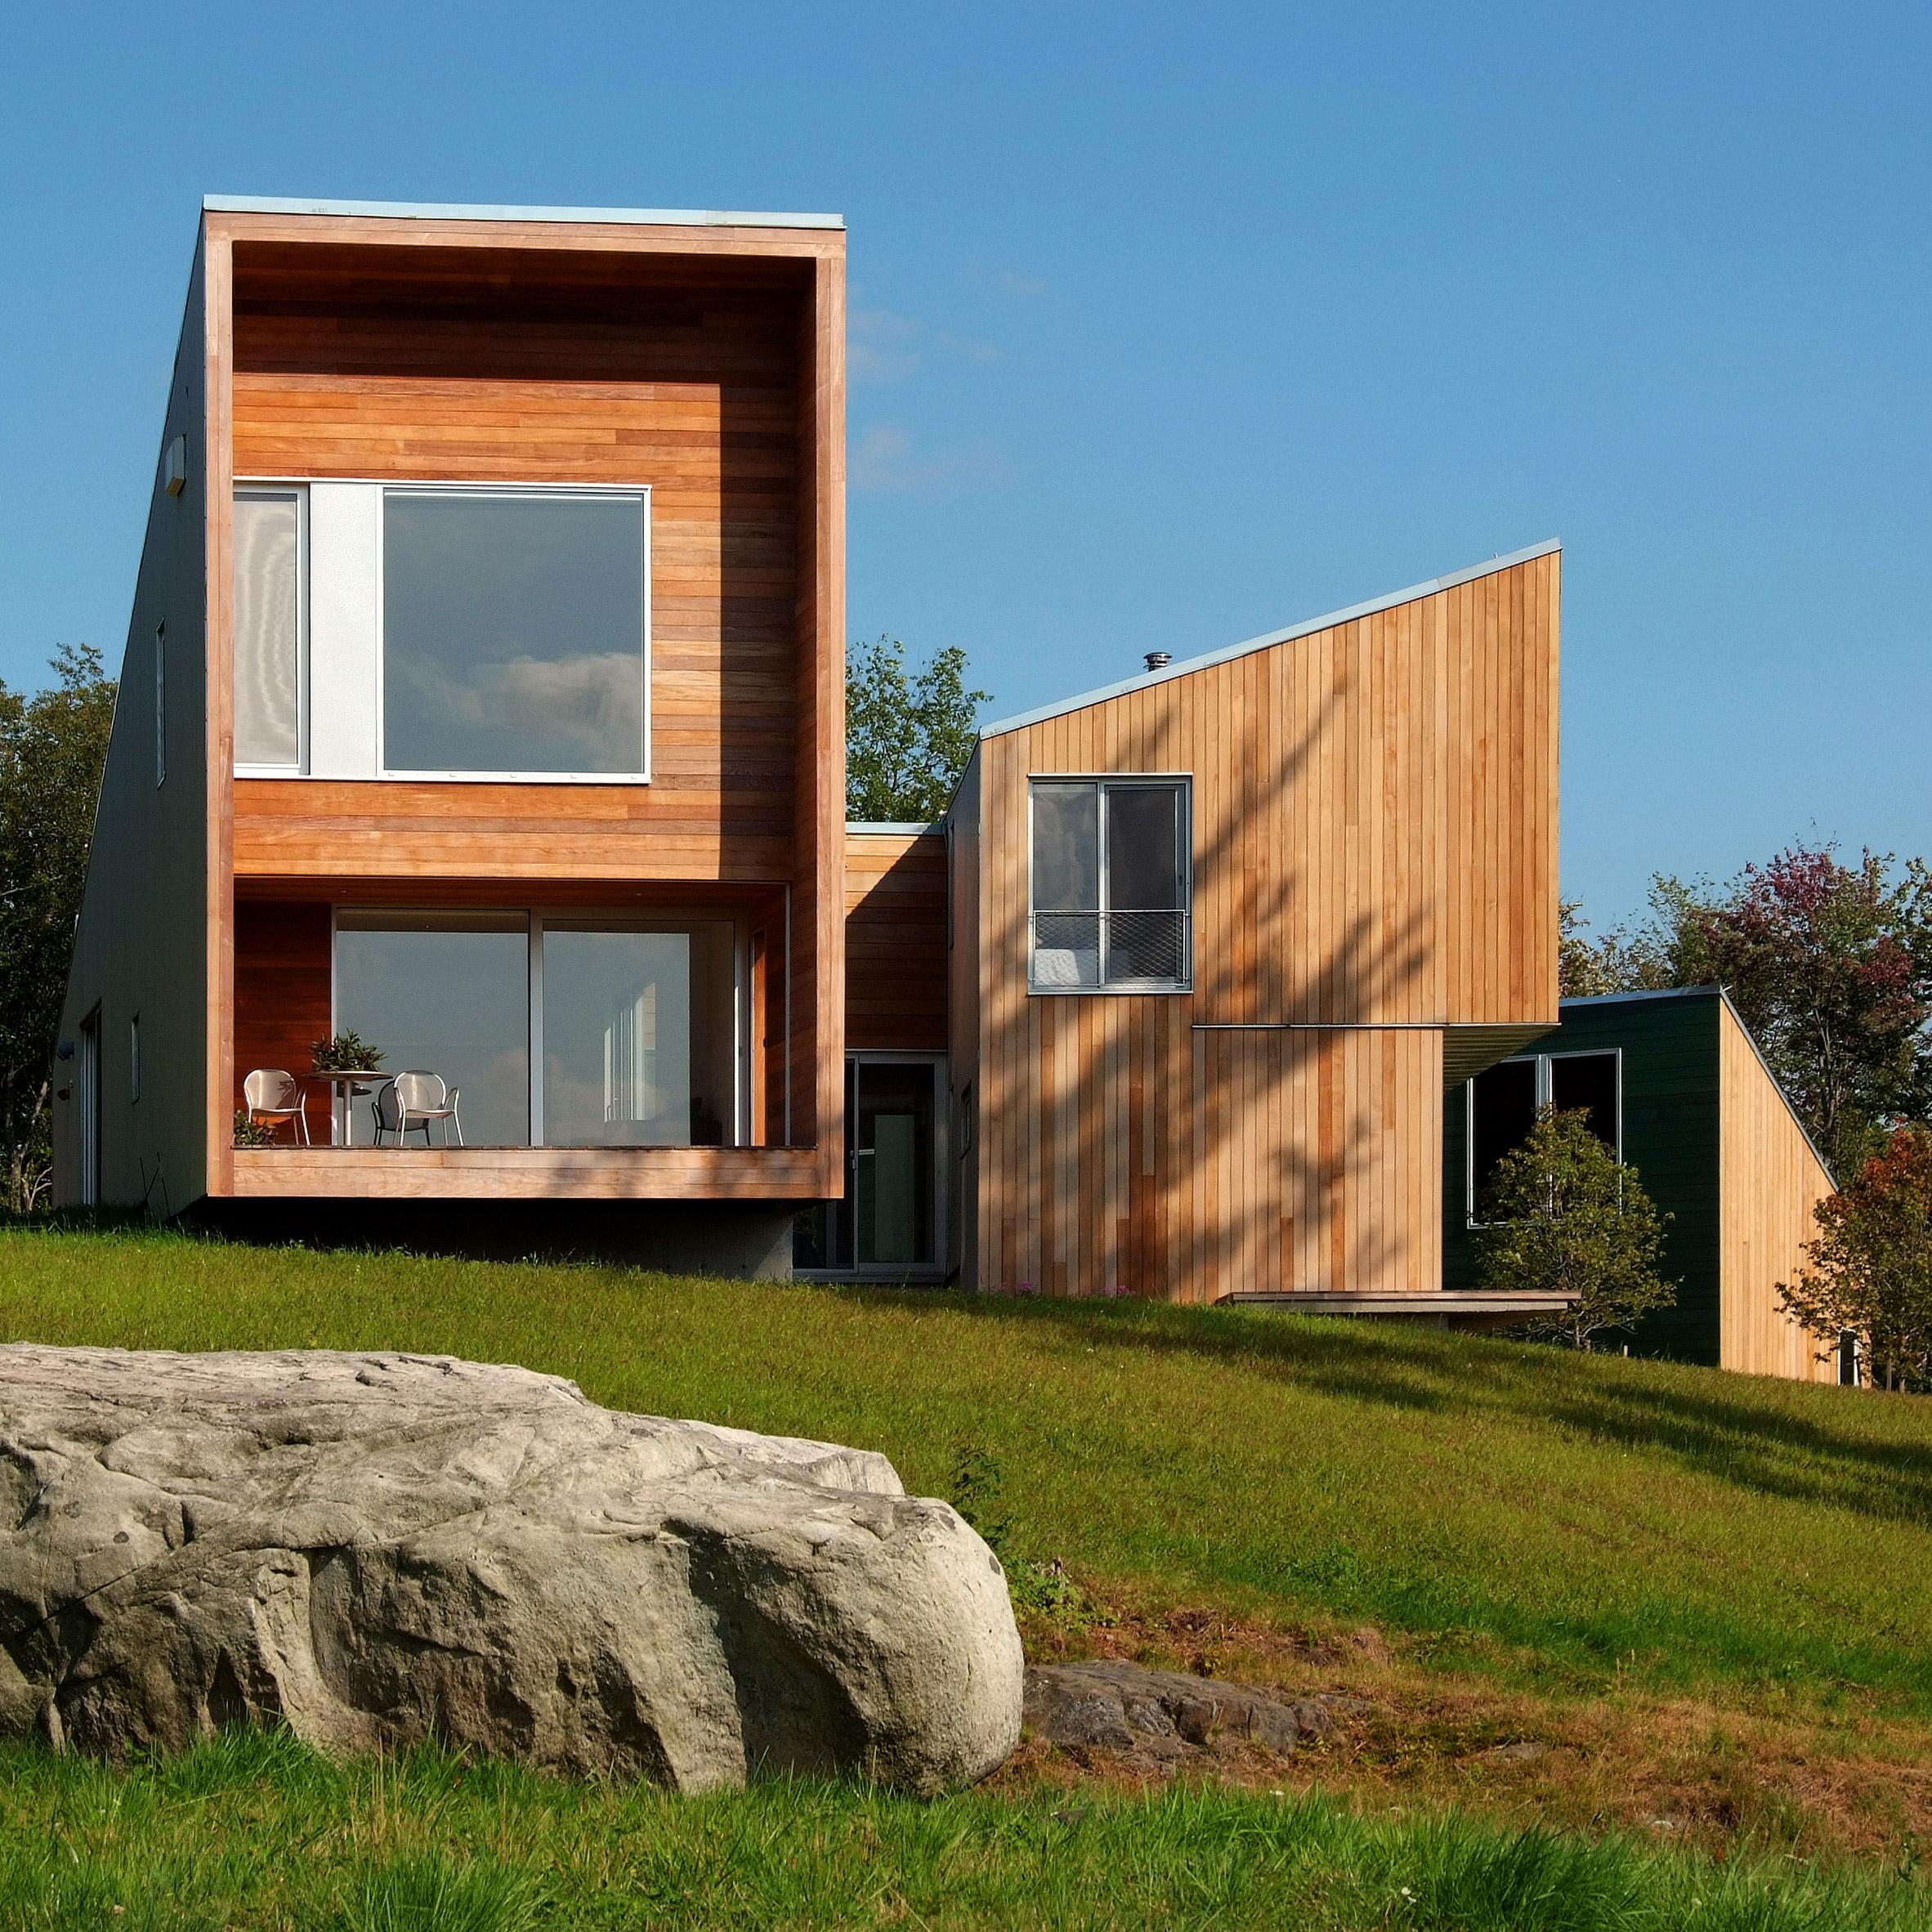 Cedar Architecture And Design Dezeen - The-unusual-cedar-residence